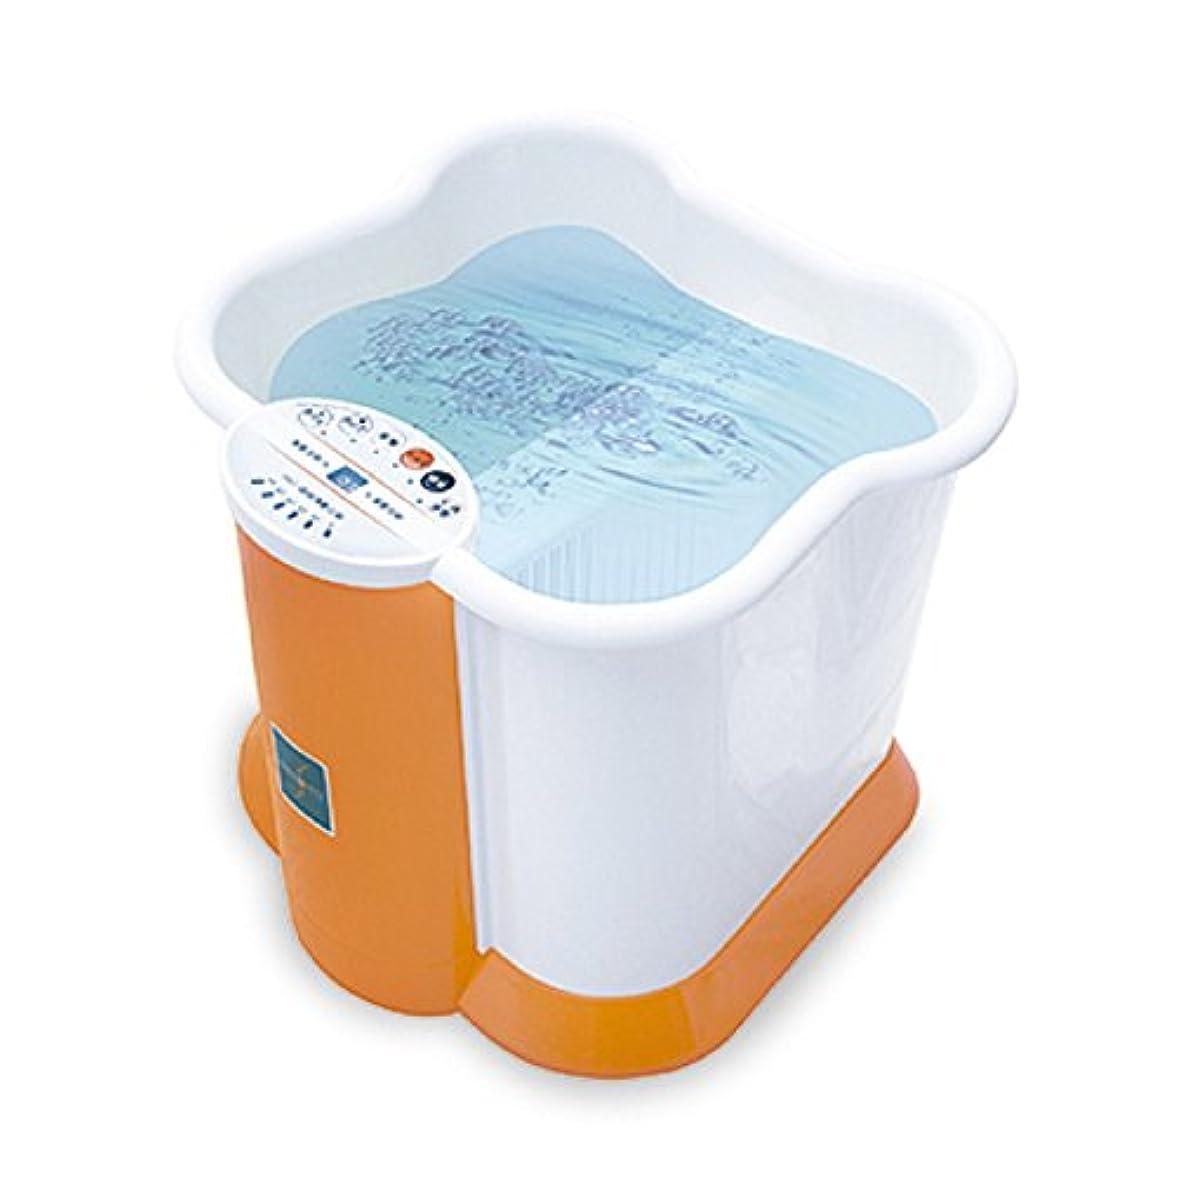 ハプニングせっかち無関心深型 足湯 フットバス Ashiyu foot Spa KS-N1010 保温 バブル